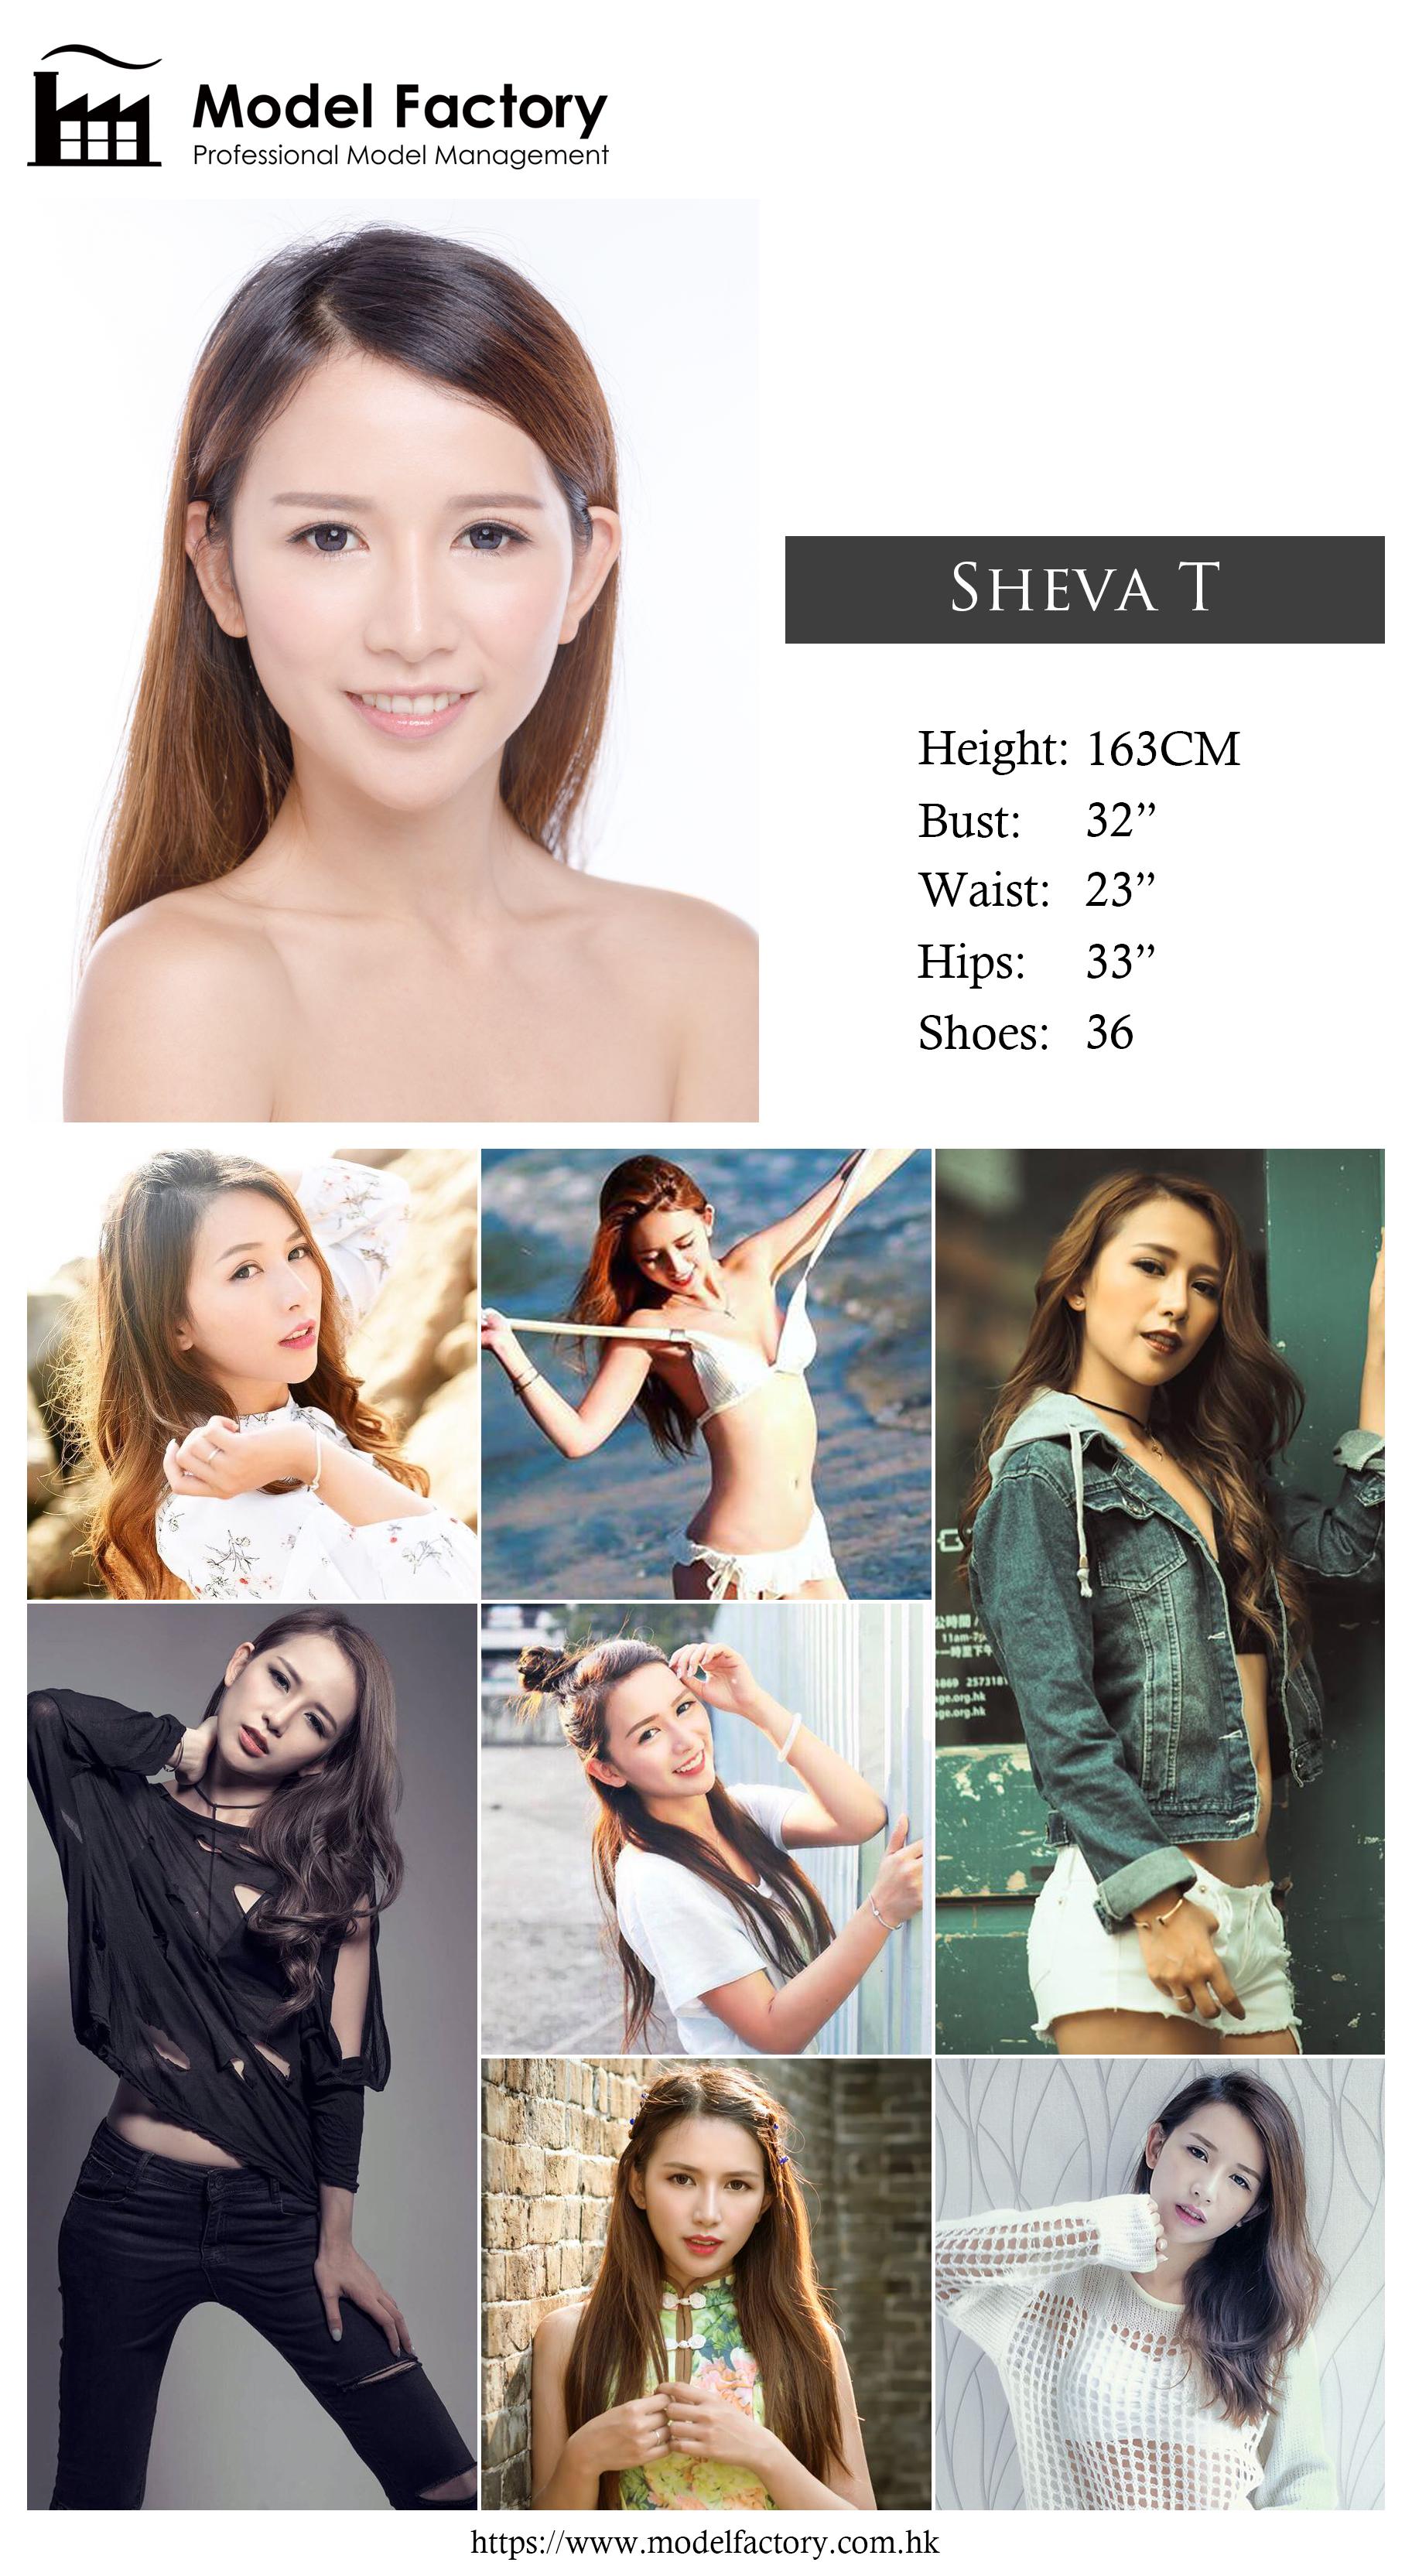 Model Factory Hong Kong Female Model ShevaT